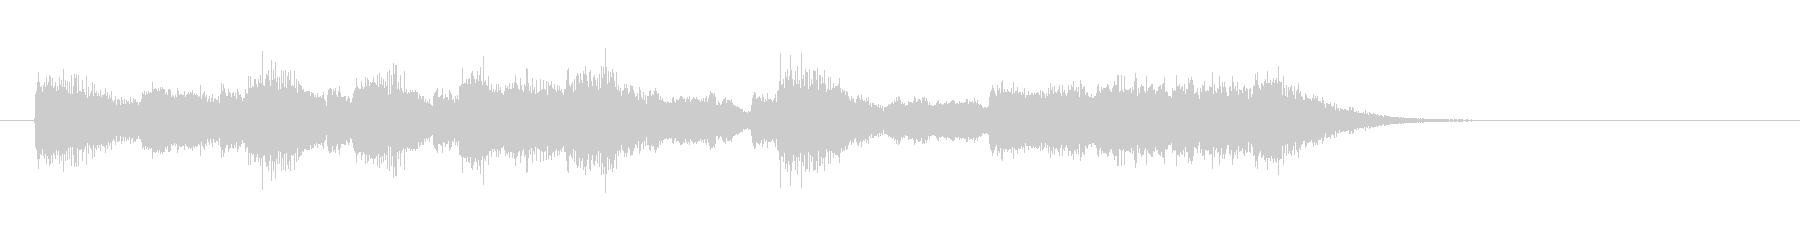 テーマ6:フルミックス、音楽の未再生の波形